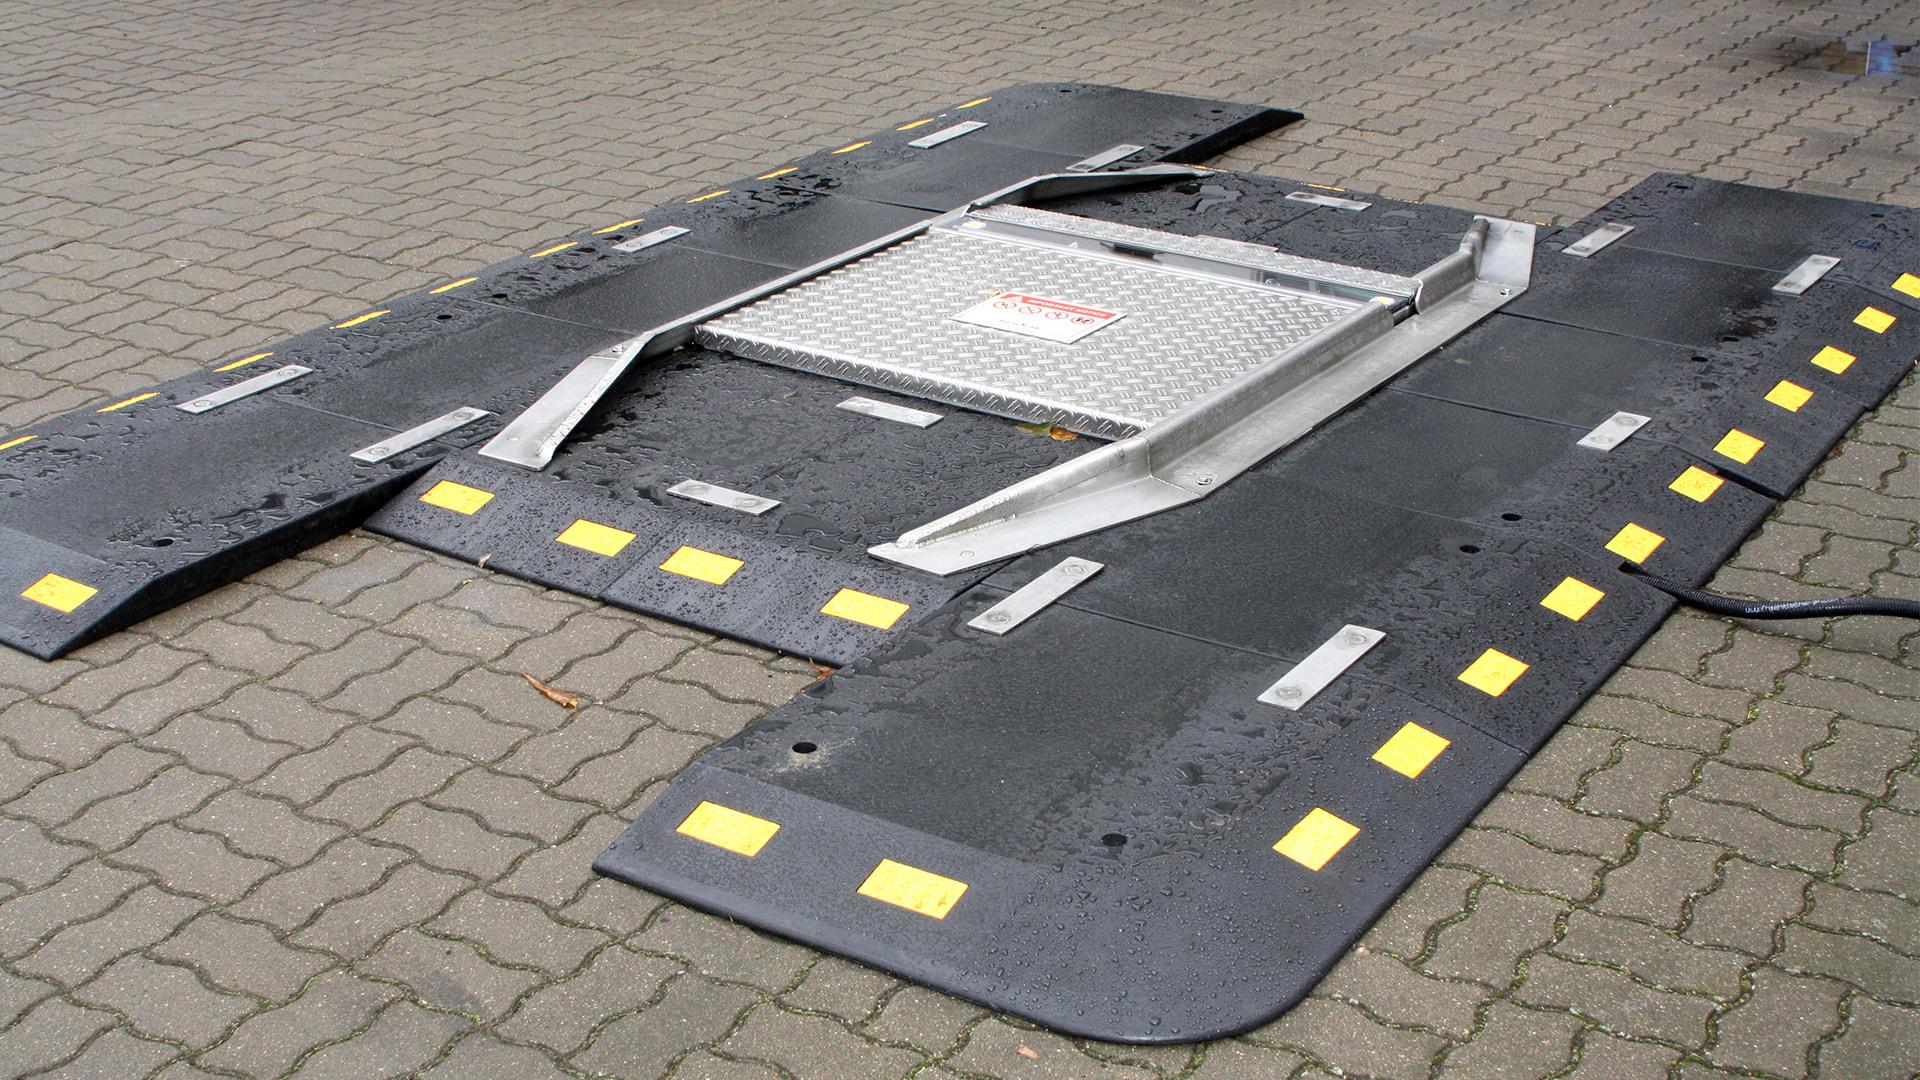 secuscan-система-досмотра-днища-автомобиля